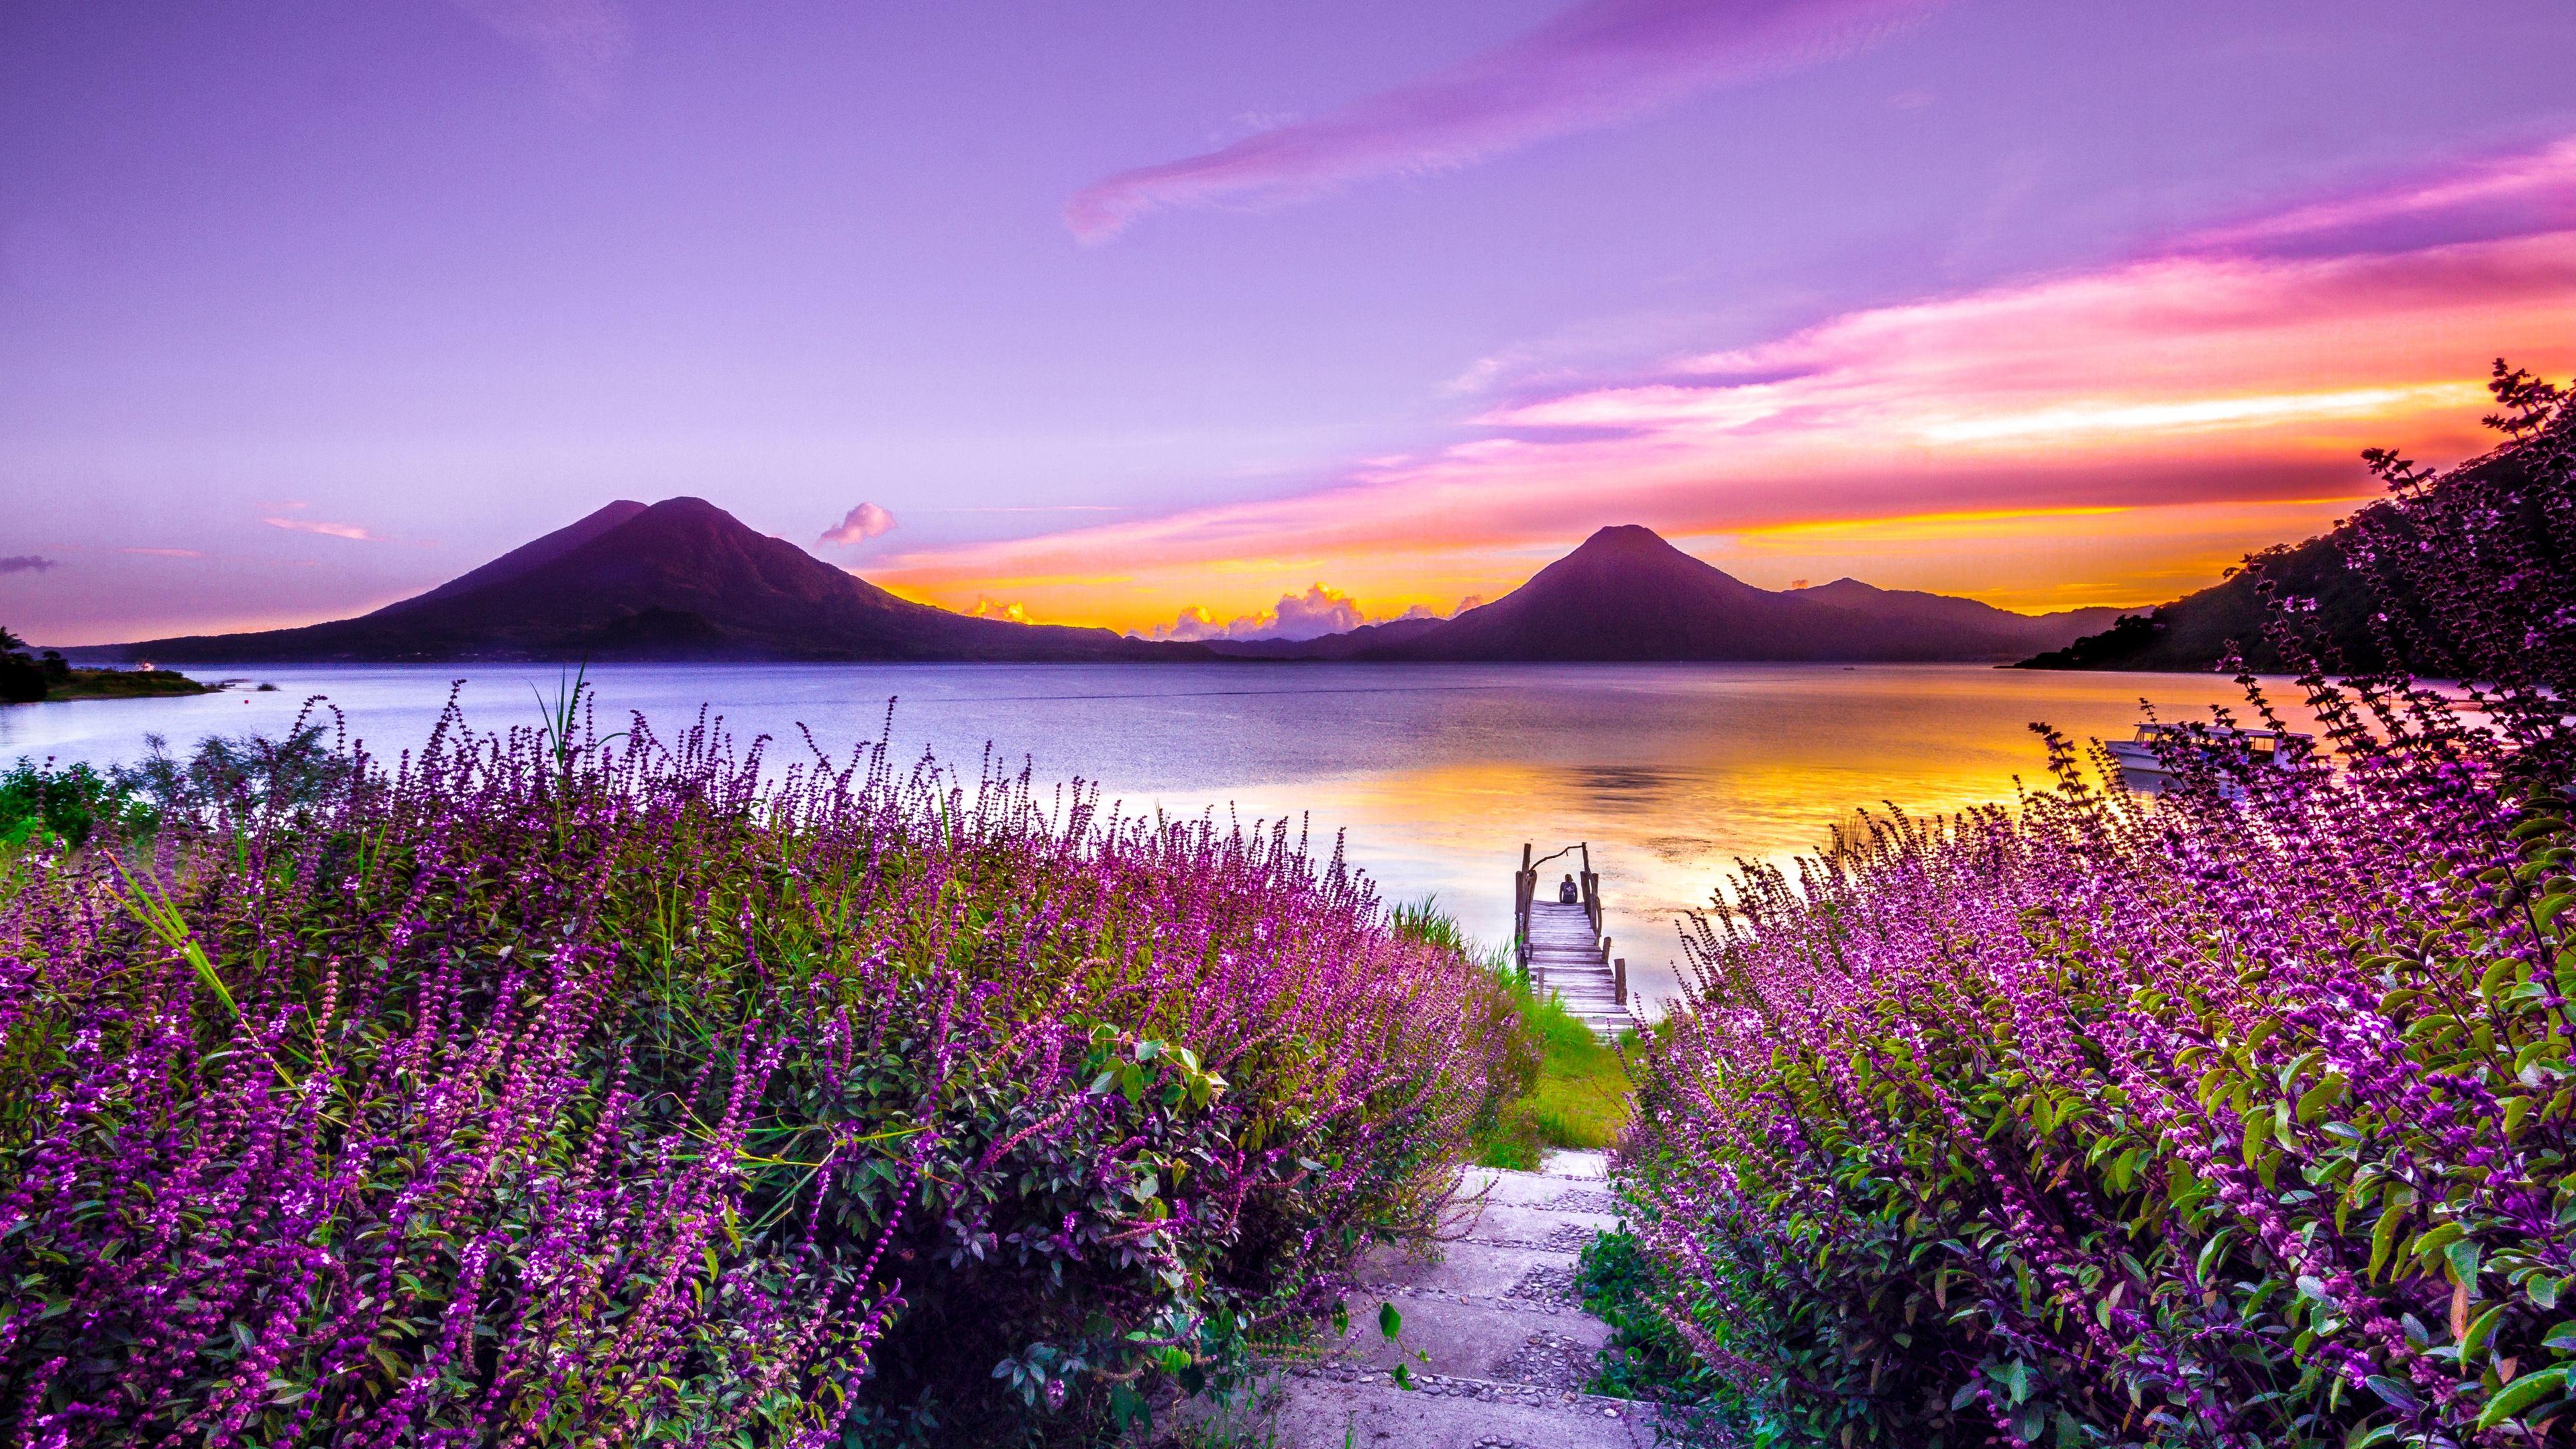 Wallpaper 4k Volcano Sunset Flower Purple Dreamy Landscape 4k 5k 4k Wallpapers 5k Wallpapers Dreamy Wallpapers Flowers Wallpapers Hd Wallpapers Landscape Wallpapers Mountains Wallpapers Sunset Wallpapers